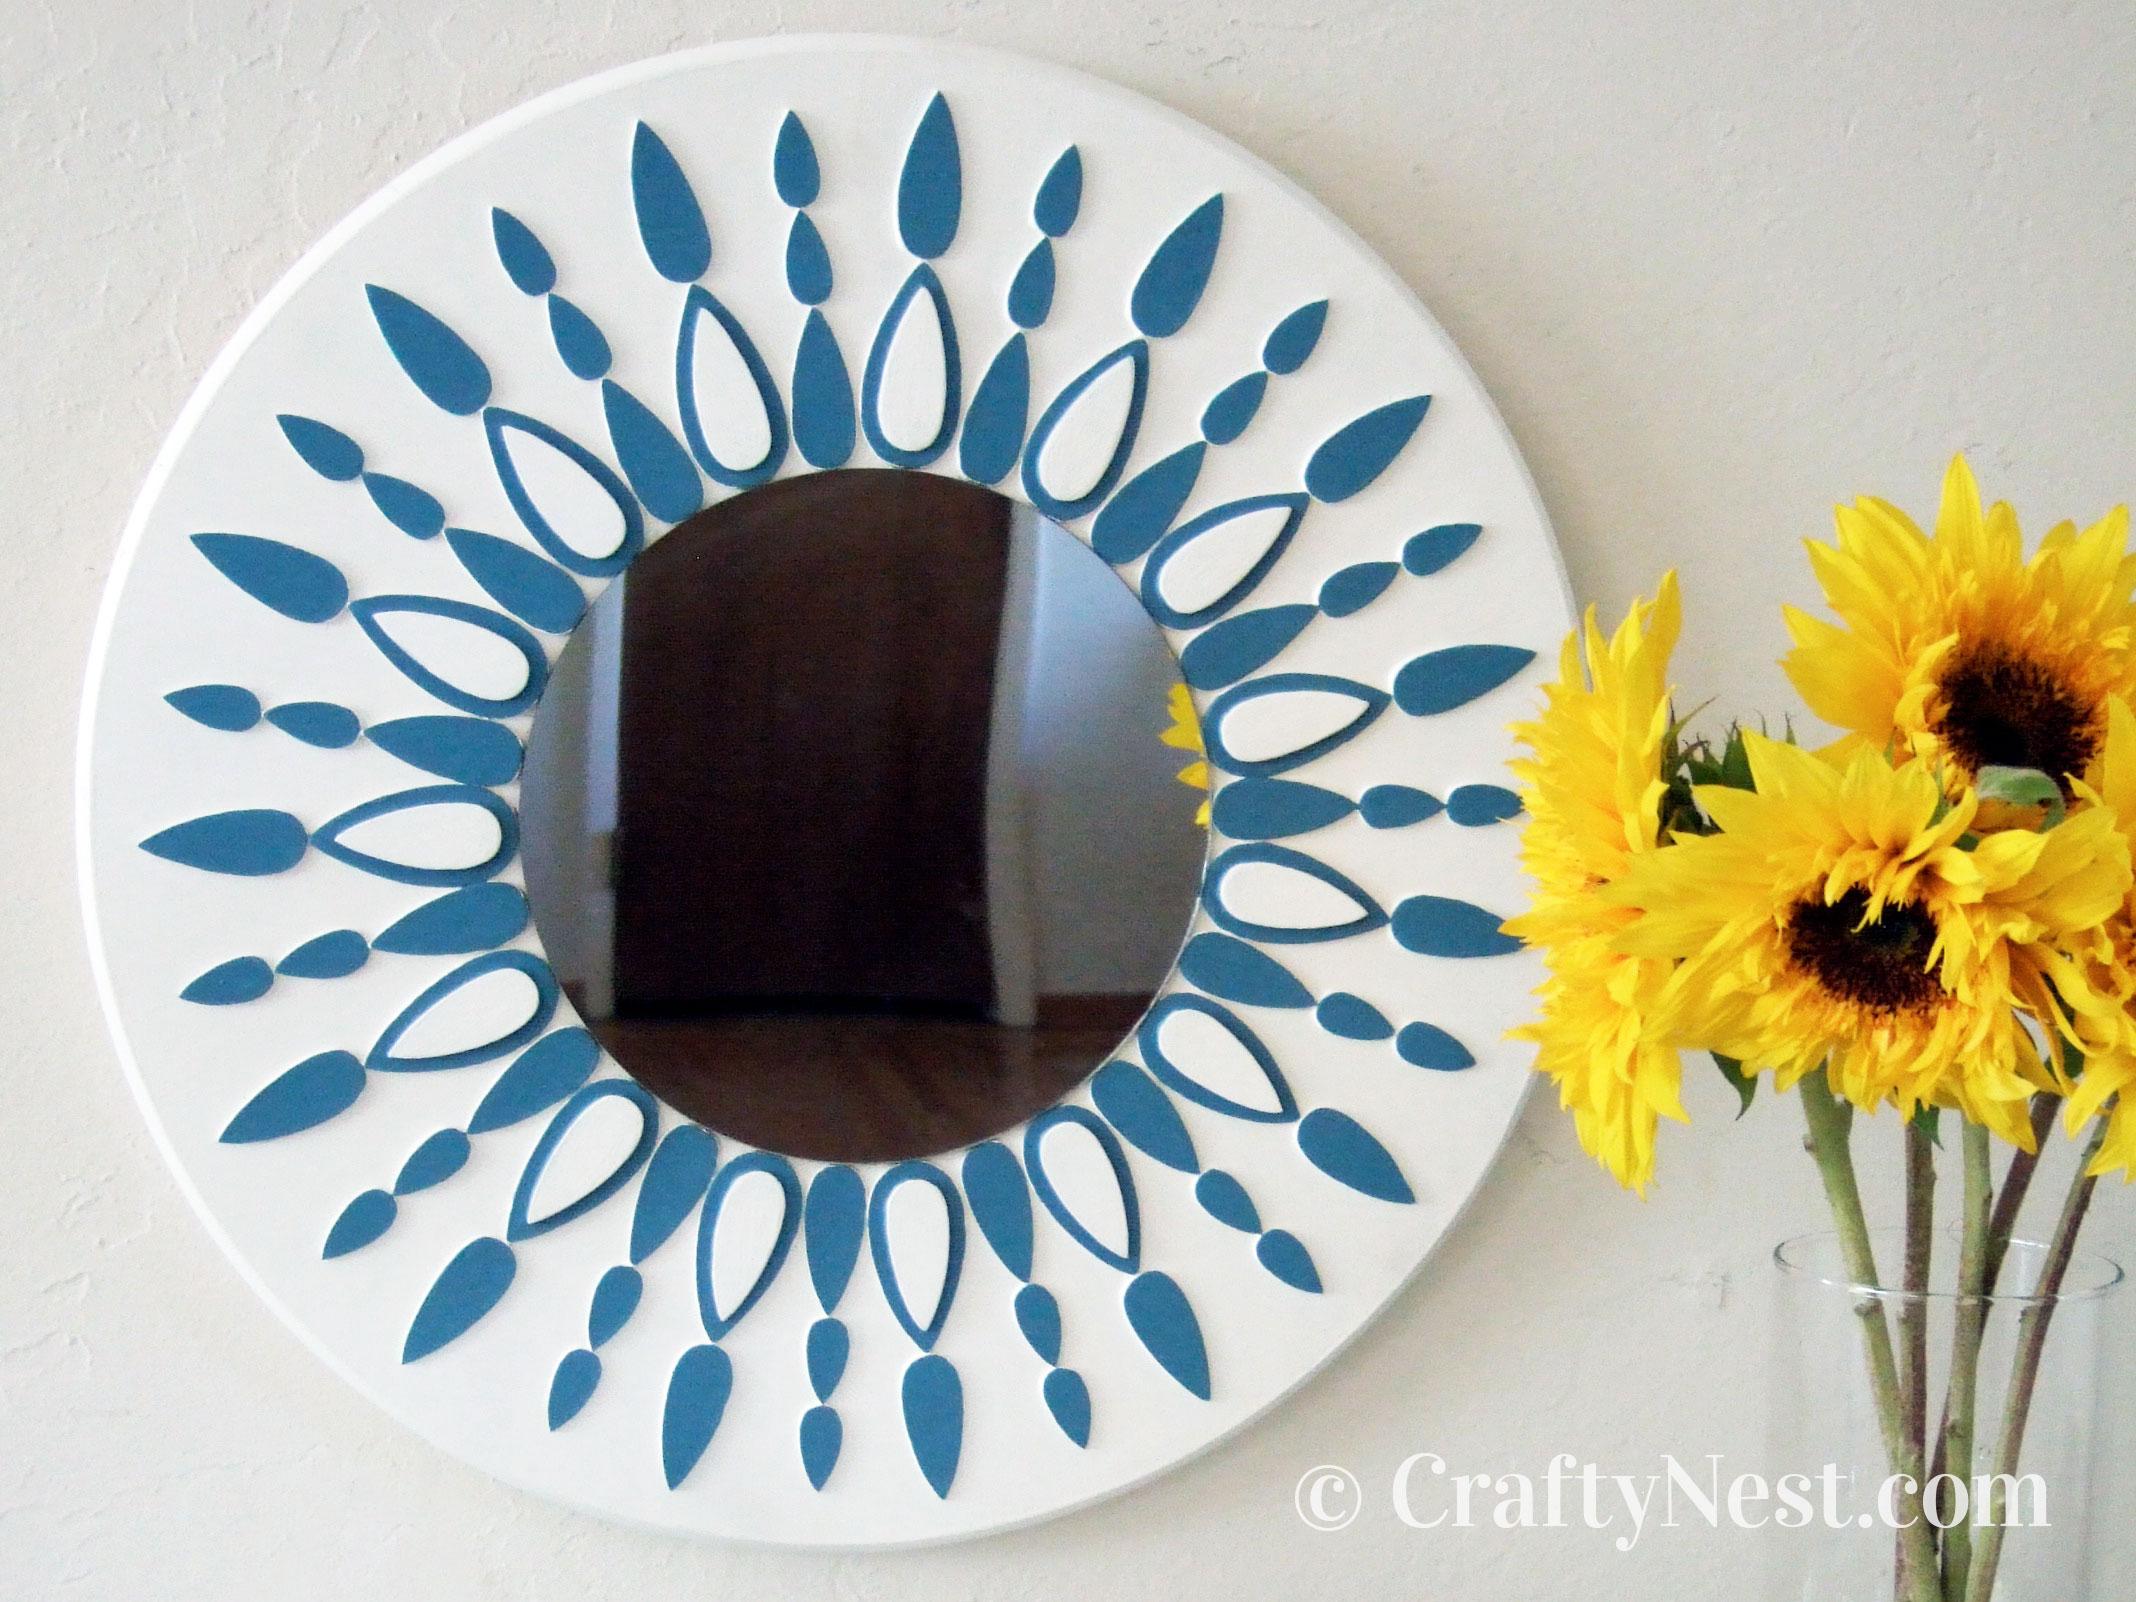 Painted sunburst mirror on the wall, photo